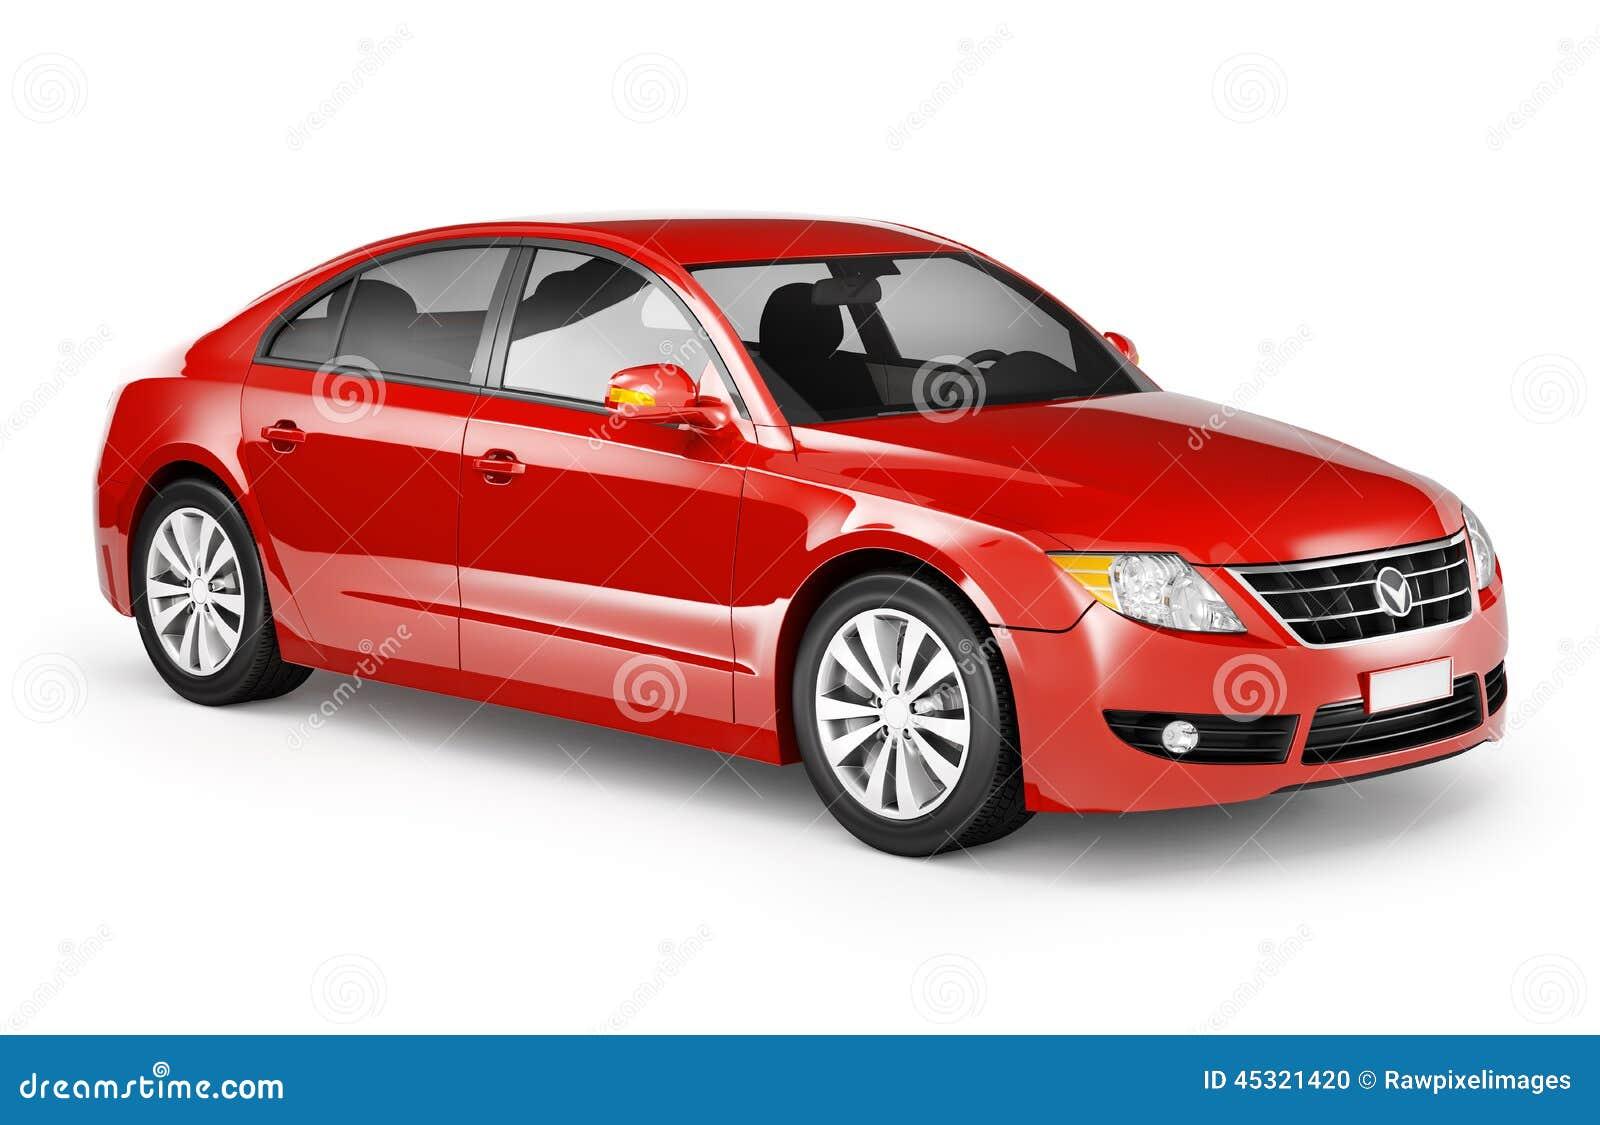 Contemporary Shiny Red Sedan Car Stock Photo Image 45321420